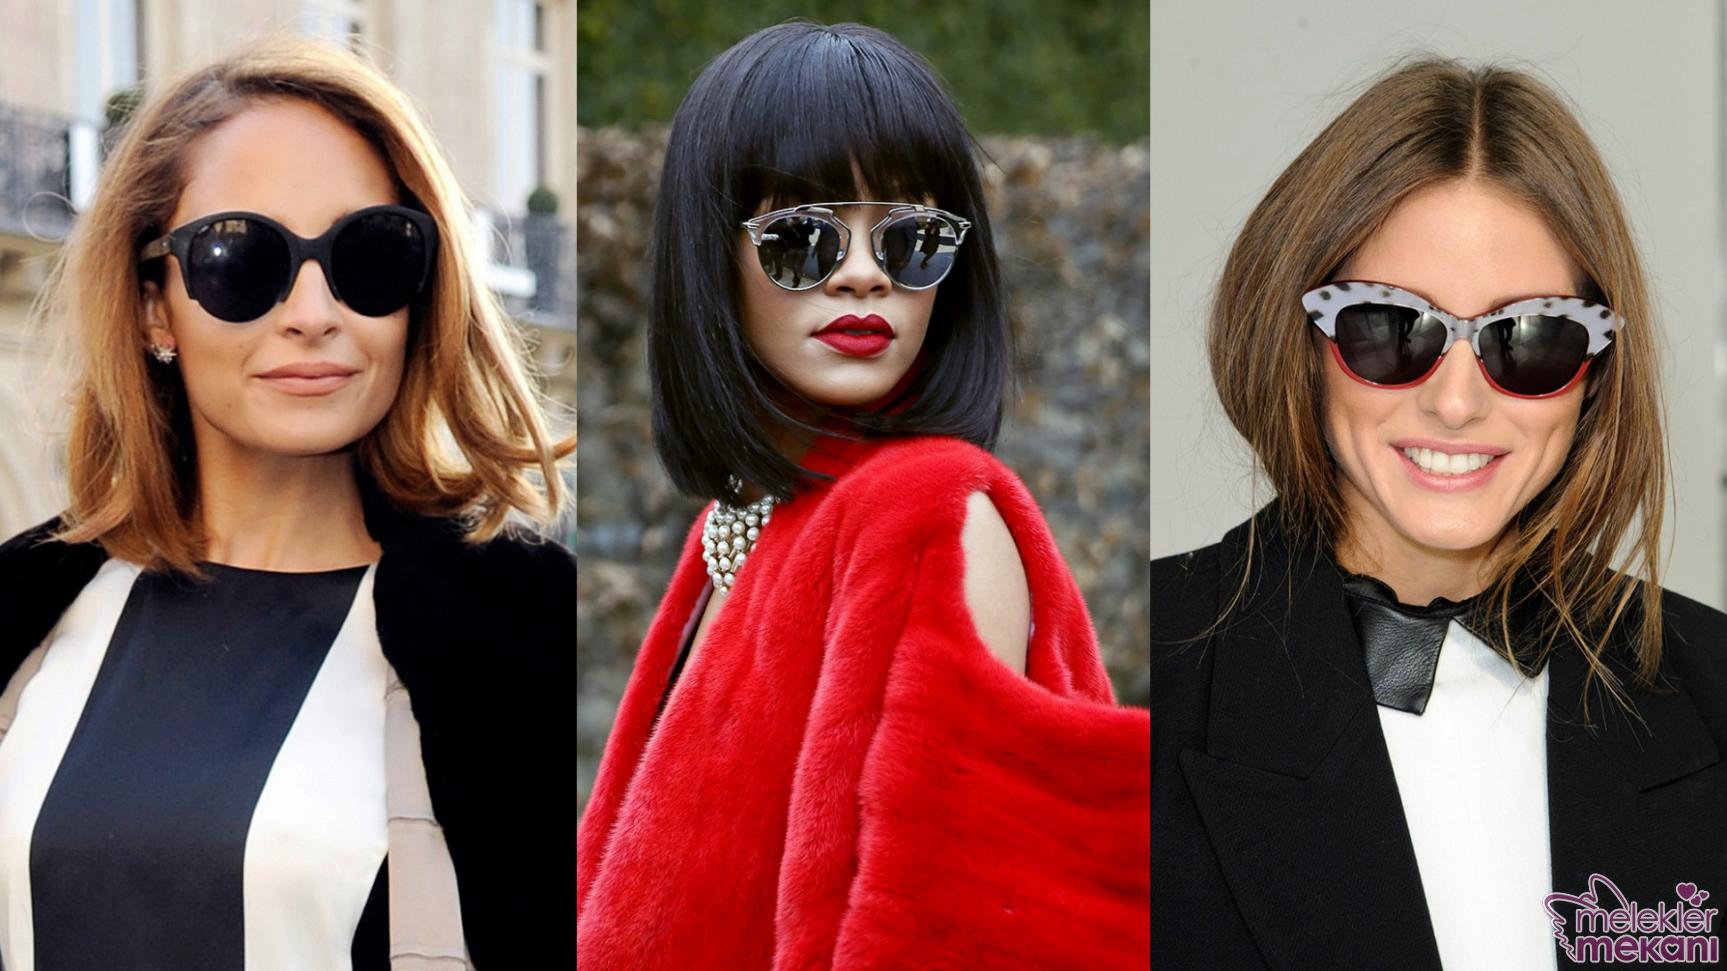 Brow Bar Güneş Gözlükleri Bu Yıl Moda